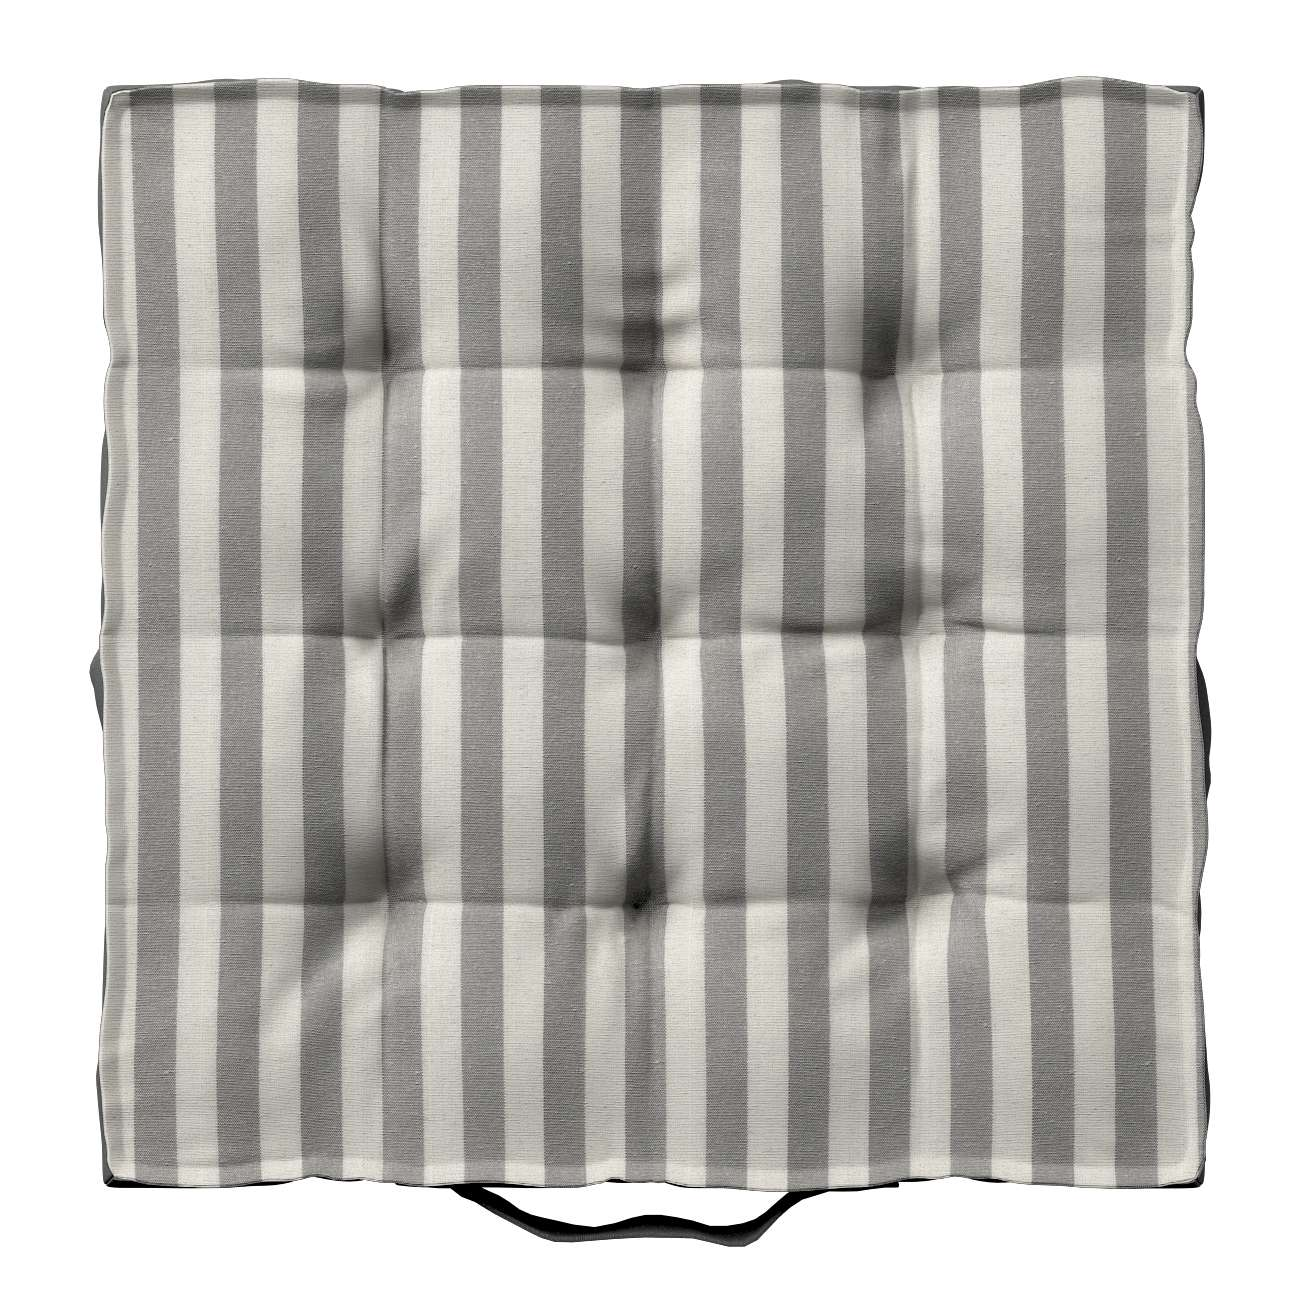 Siedzisko Kuba na krzesło 40x40x6cm w kolekcji Quadro, tkanina: 136-12